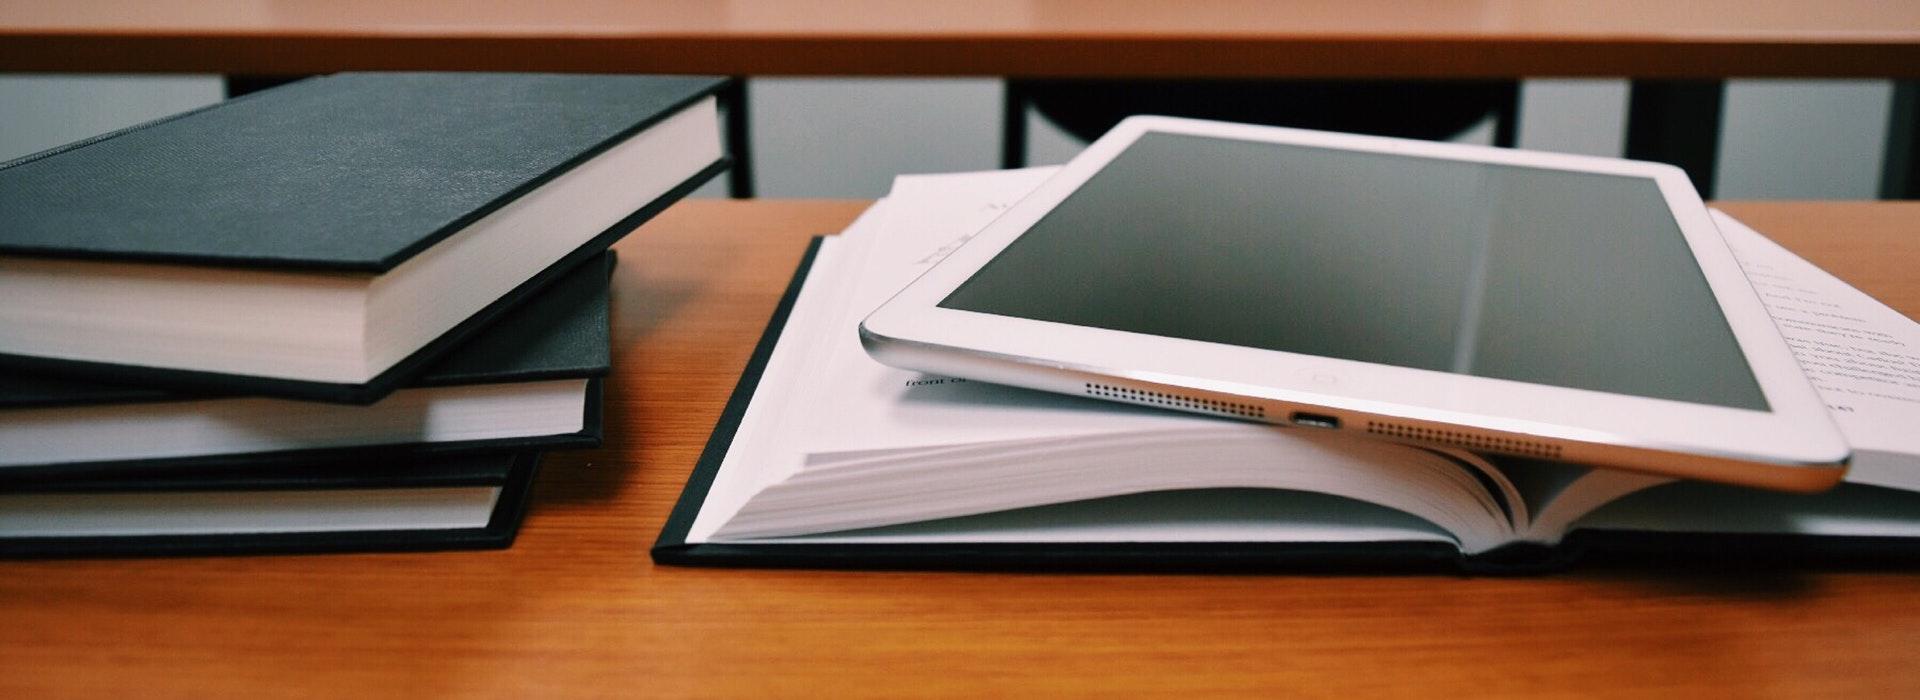 Livres noirs et un iPad blanc empilés sur un bureau en bois.